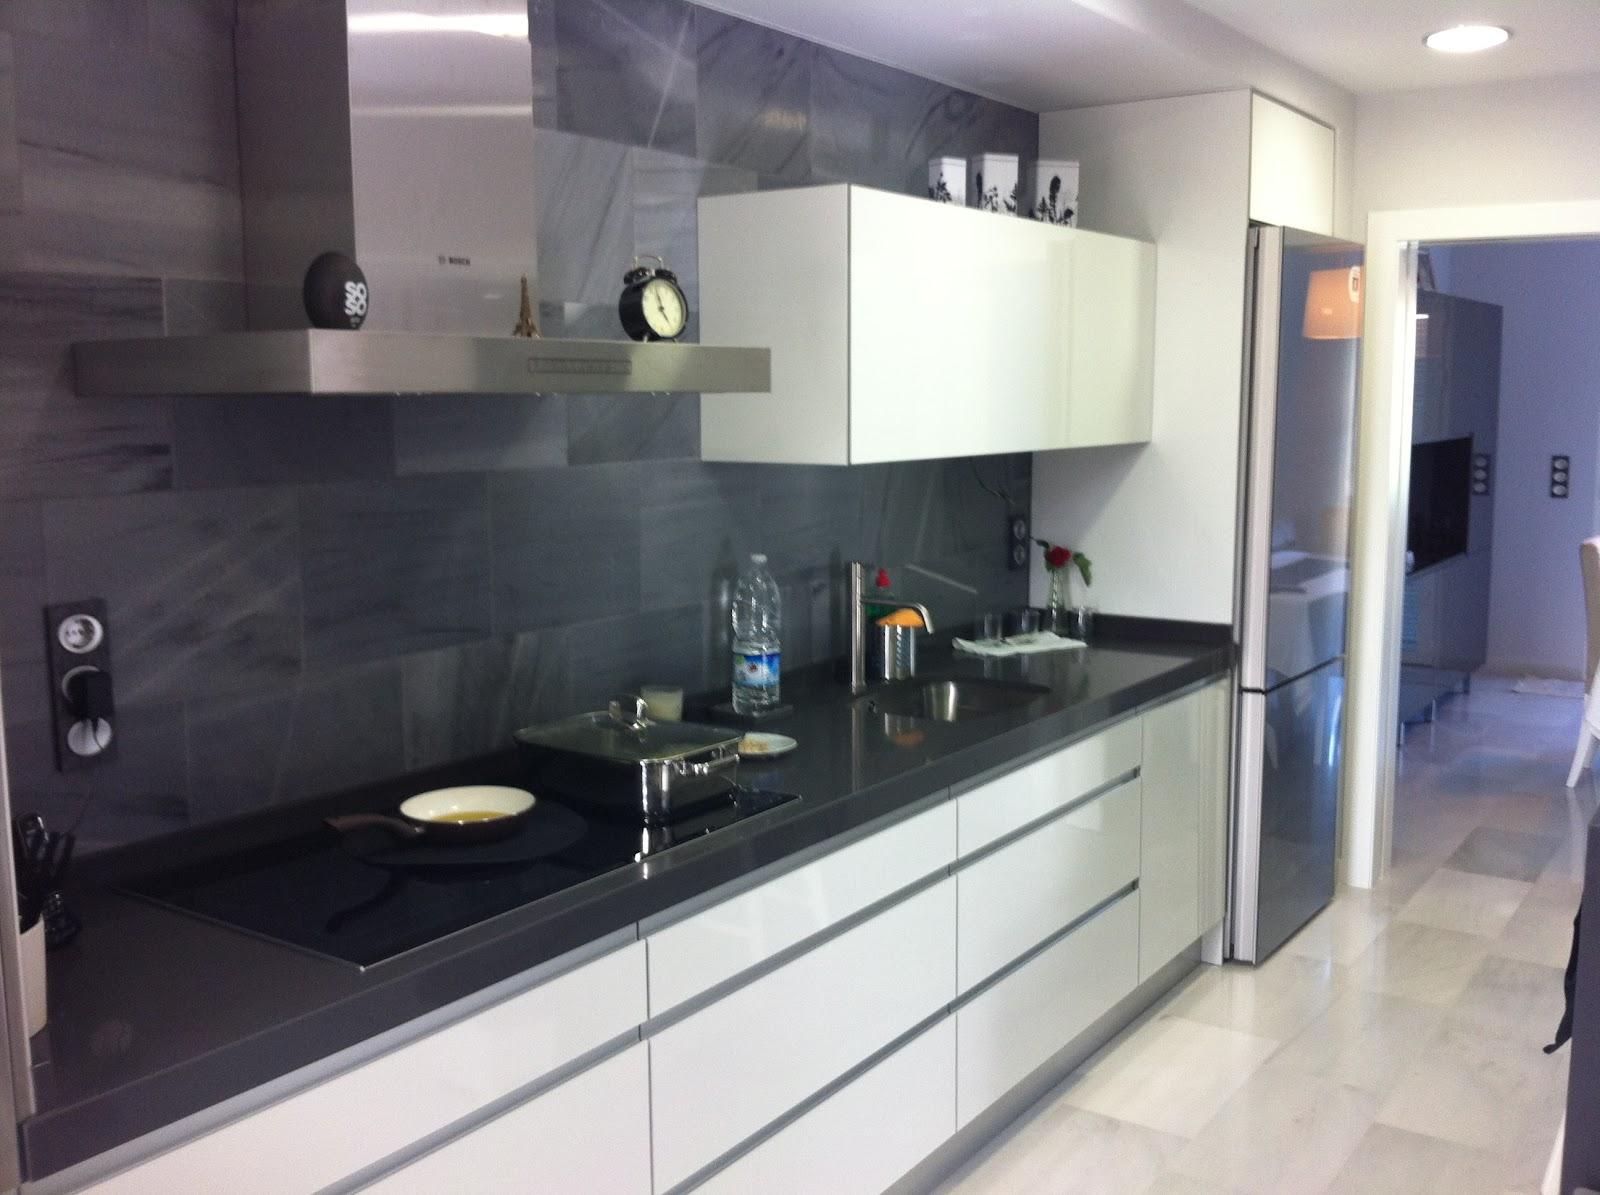 Formas almacen de cocinas cocina con o sin tiradores - Pomos para puertas de cocina ...